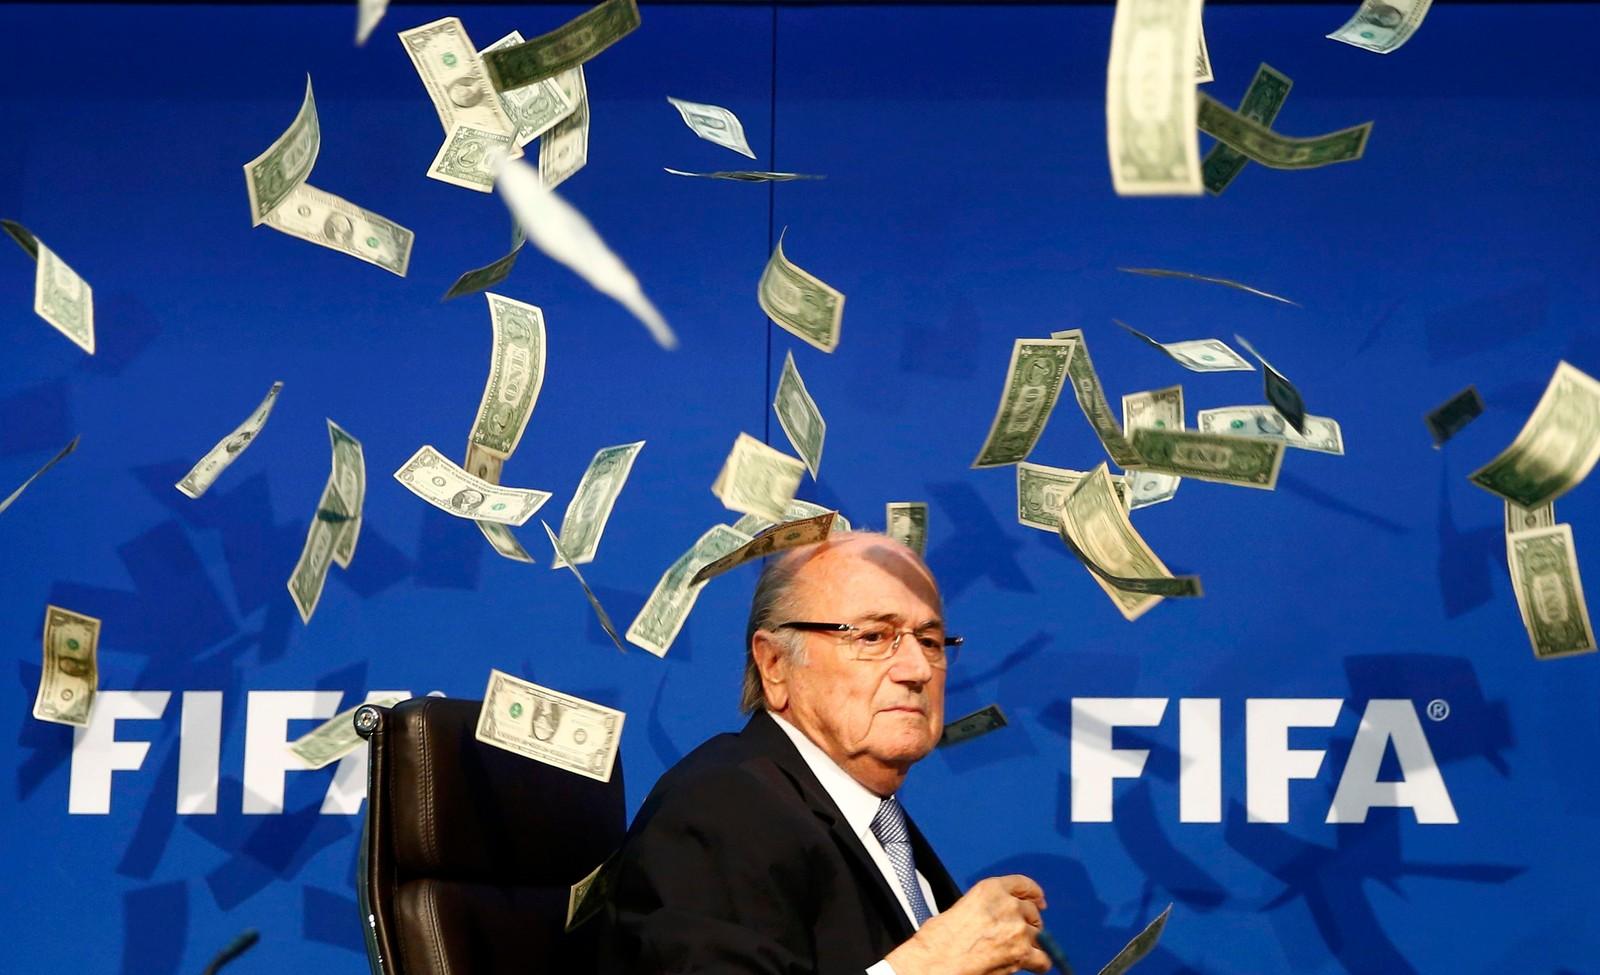 Den britiske komikeren Lee Nelson kastet pengesedler mot FIFA-president Sepp Blatter under en pressekonferanse om korrupsjonsanklagene i Zurich i juli.